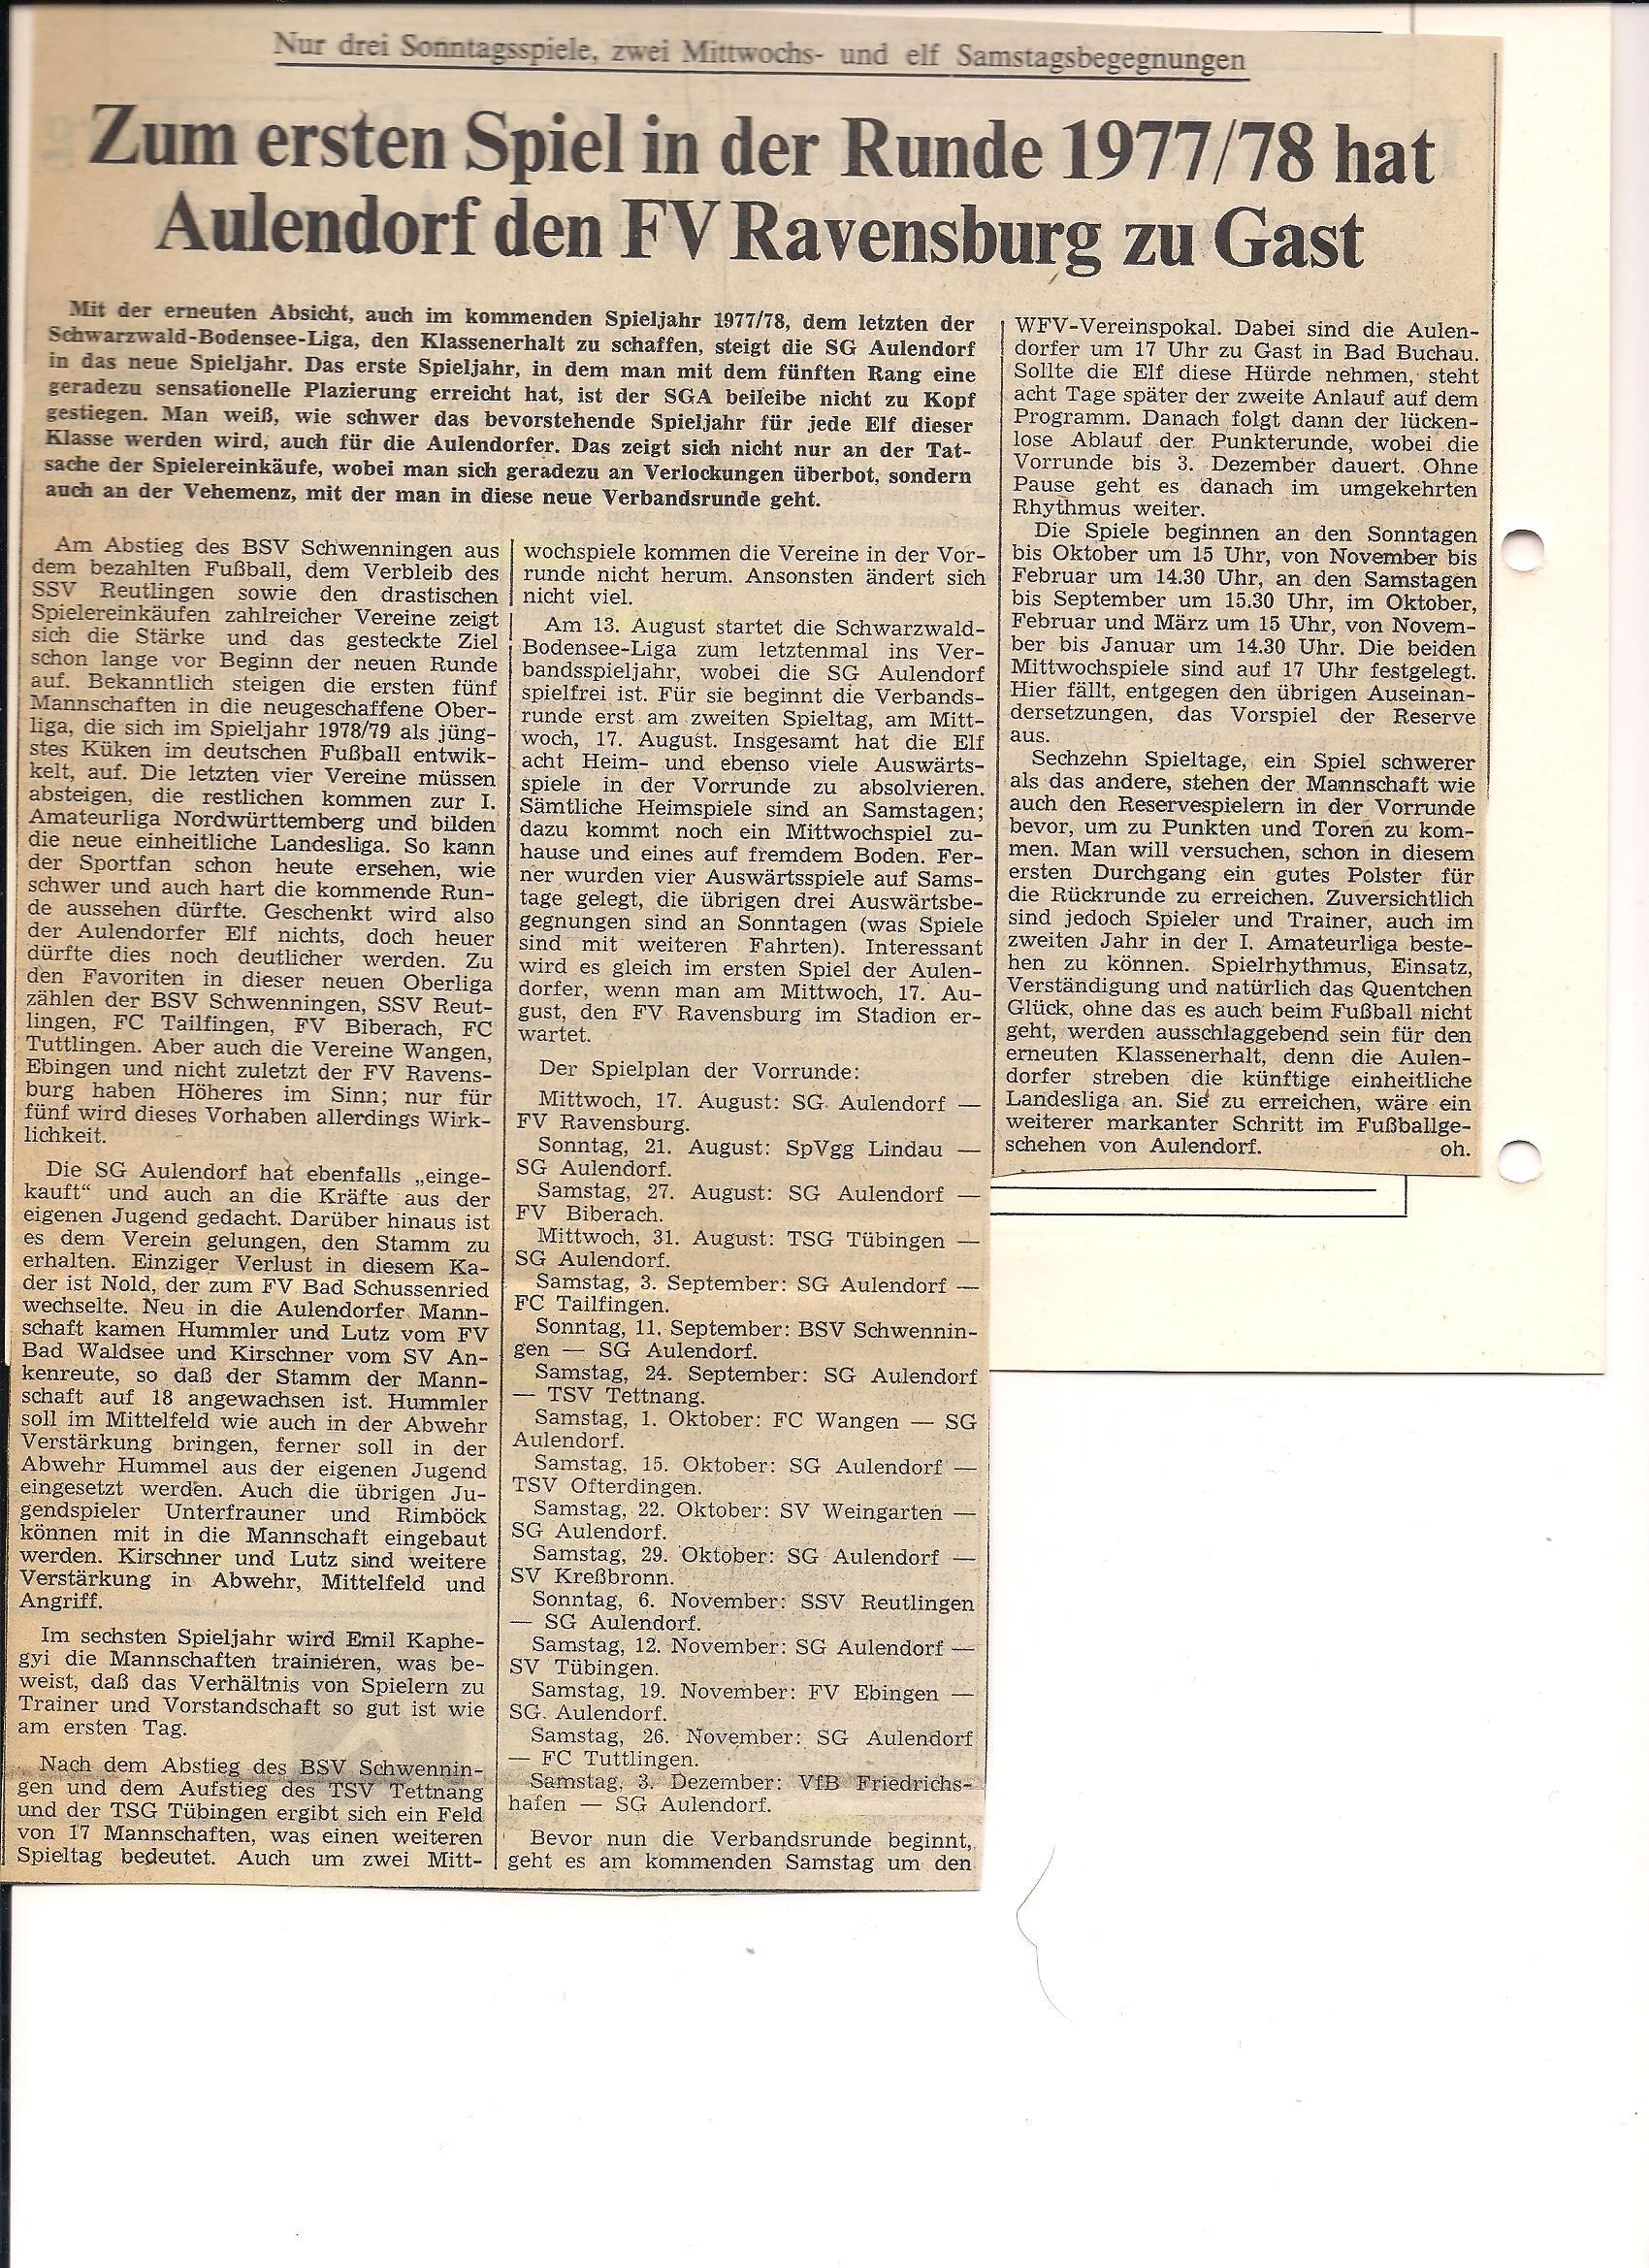 SG Aulendorf Zeitungsbericht Vorschau Saison 1977-1978